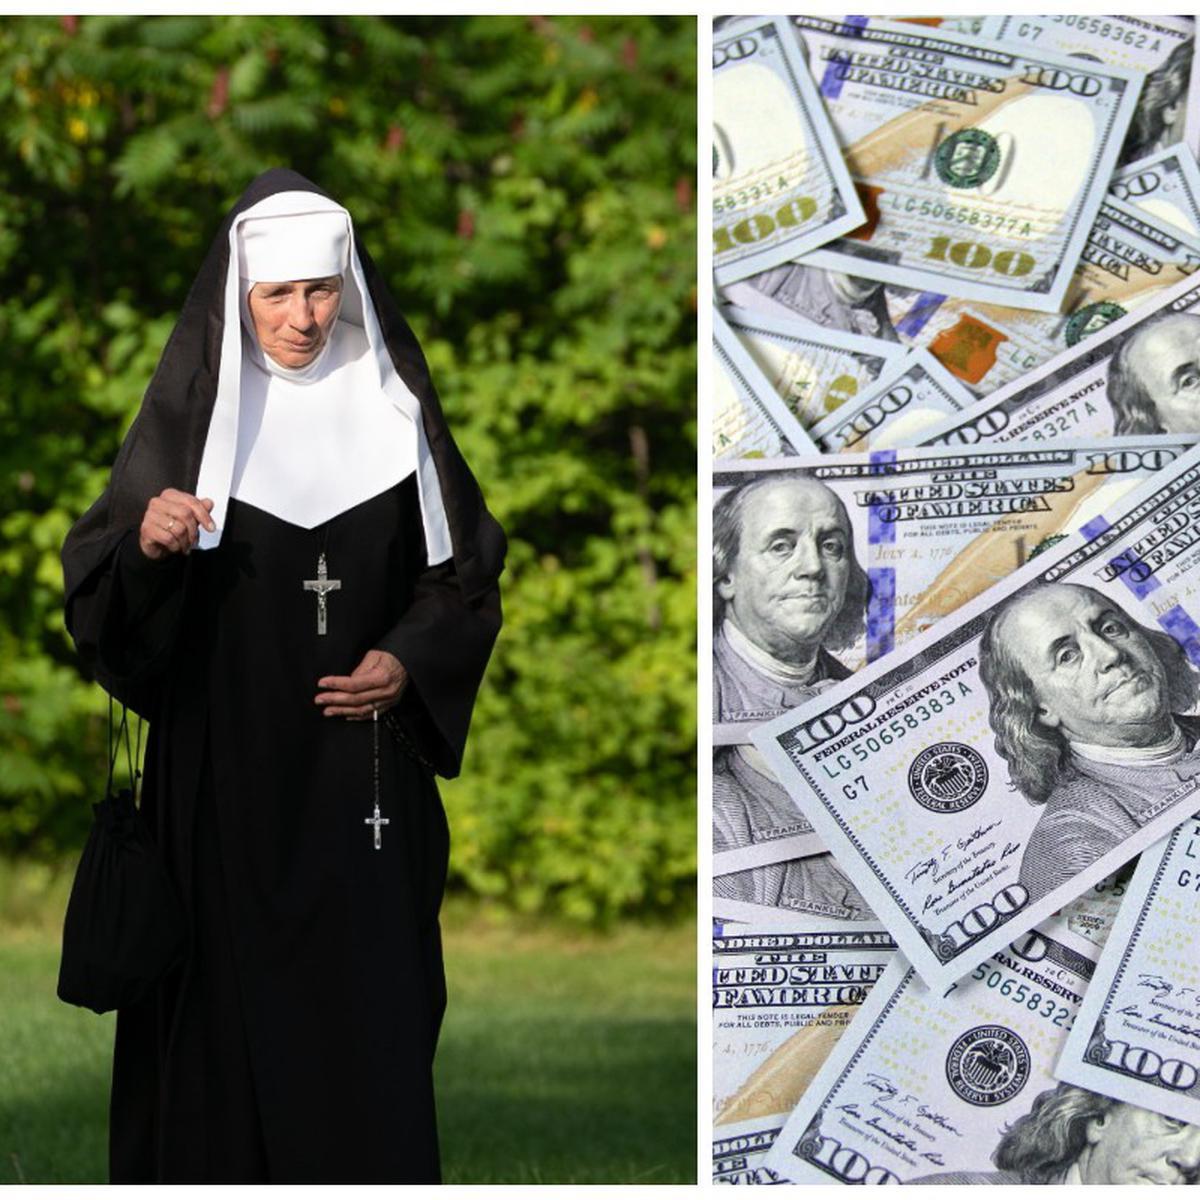 Una monja de Estados Unidos roba US$800.000 de una escuela para gastarlo en  casinos   EEUU   USA   California   nnda nnni   HISTORIAS   MAG.